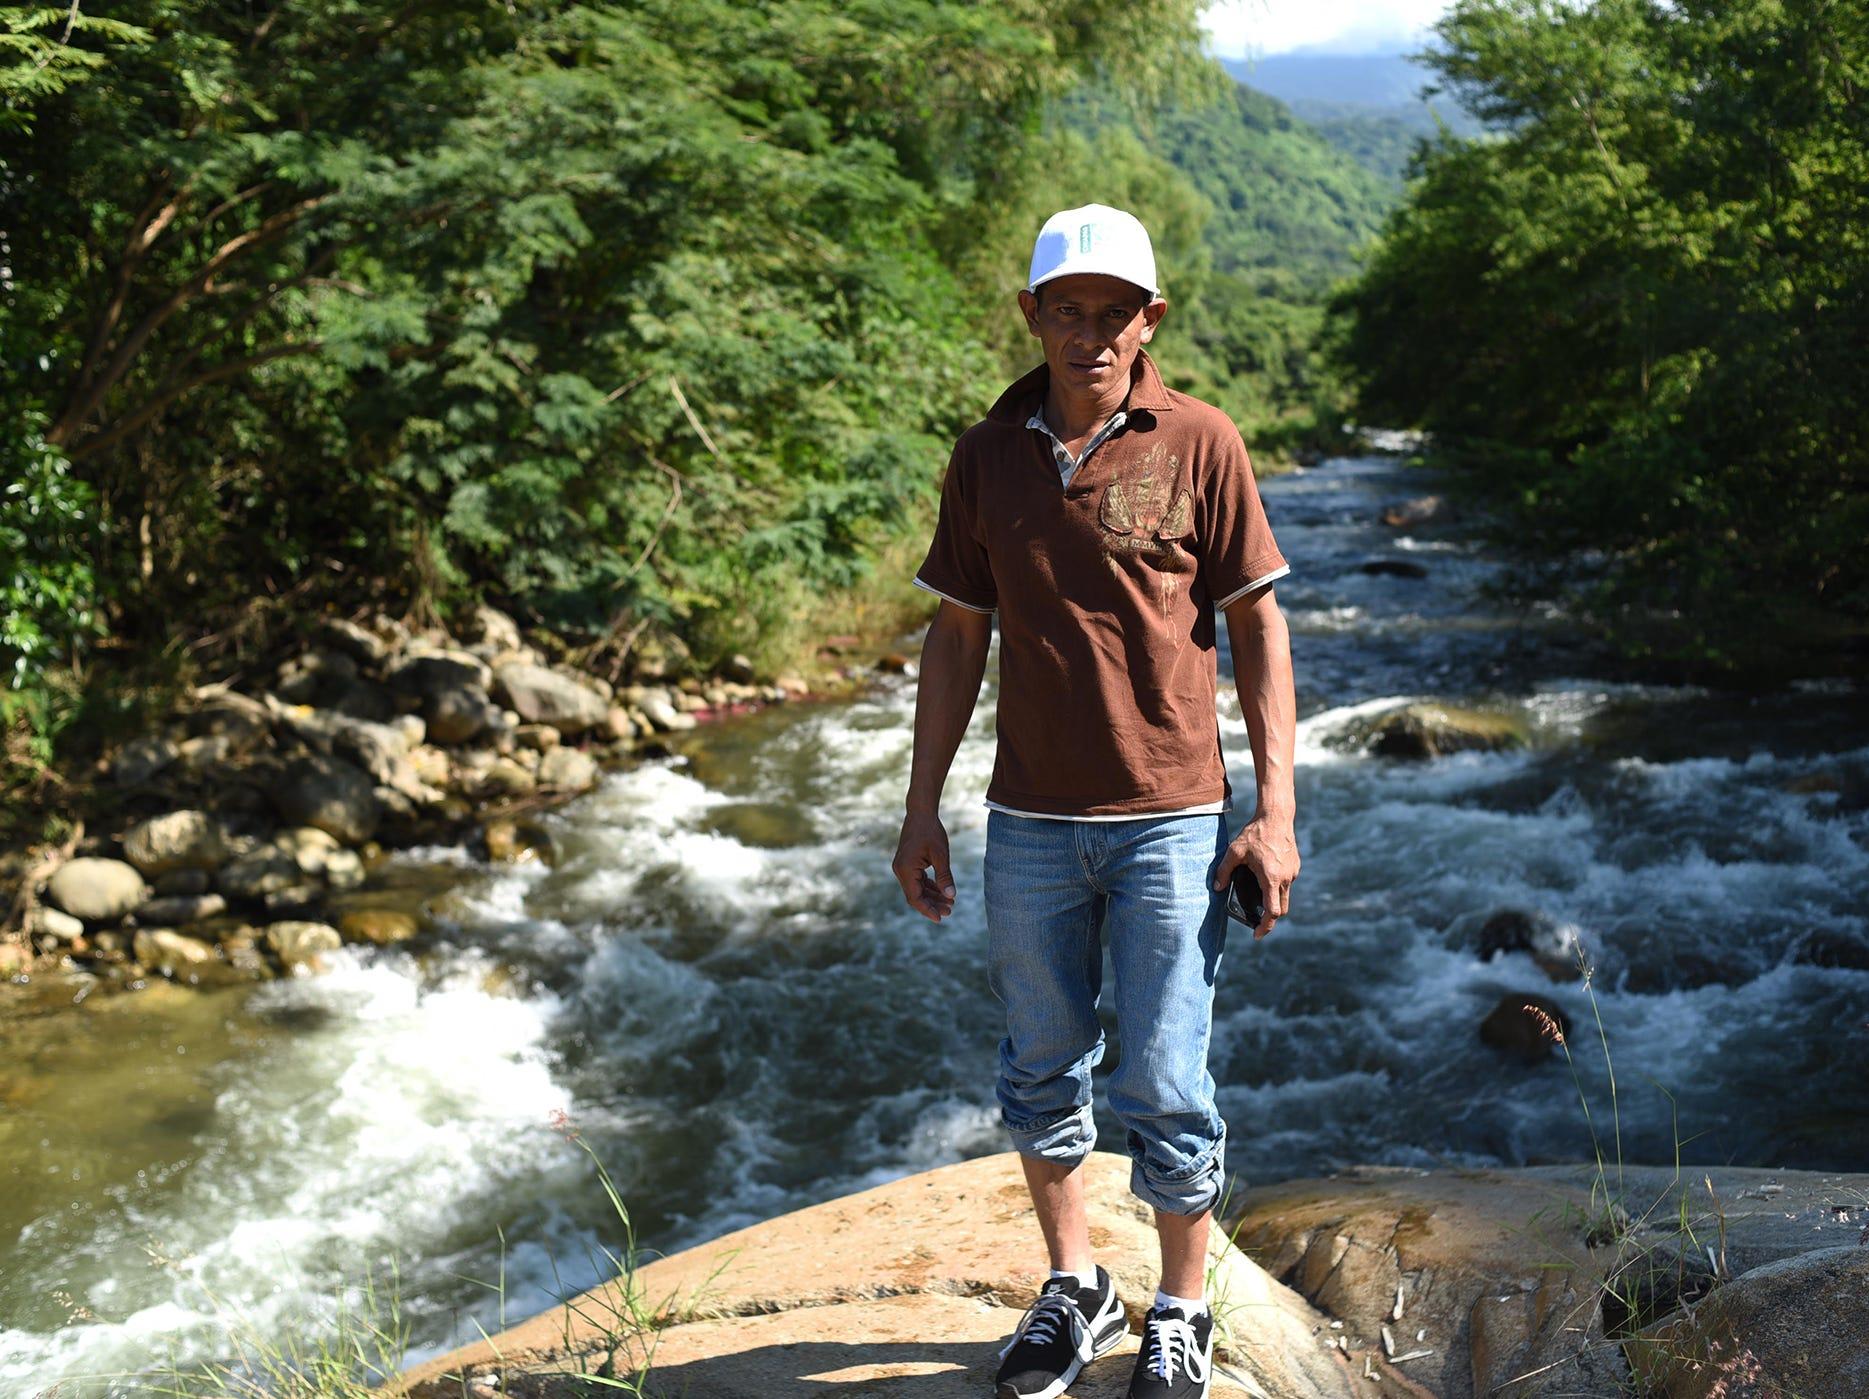 El hondureño Rudy Valdez, de 31 años, se retrata frente a este bello paisaje en Pijijiapan, Chiapas. Estos son los rostros de los migrantes centroamericanos que huyen de la pobreza y violencia que se vive en sus países; y que por medio de una caravana caminan cientos de kilómetros cruzando ciudades, ríos, carreteras, bosques y fronteras, con el firme propósito de hacer realidad su sueño de llegar a los Estados Unidos.